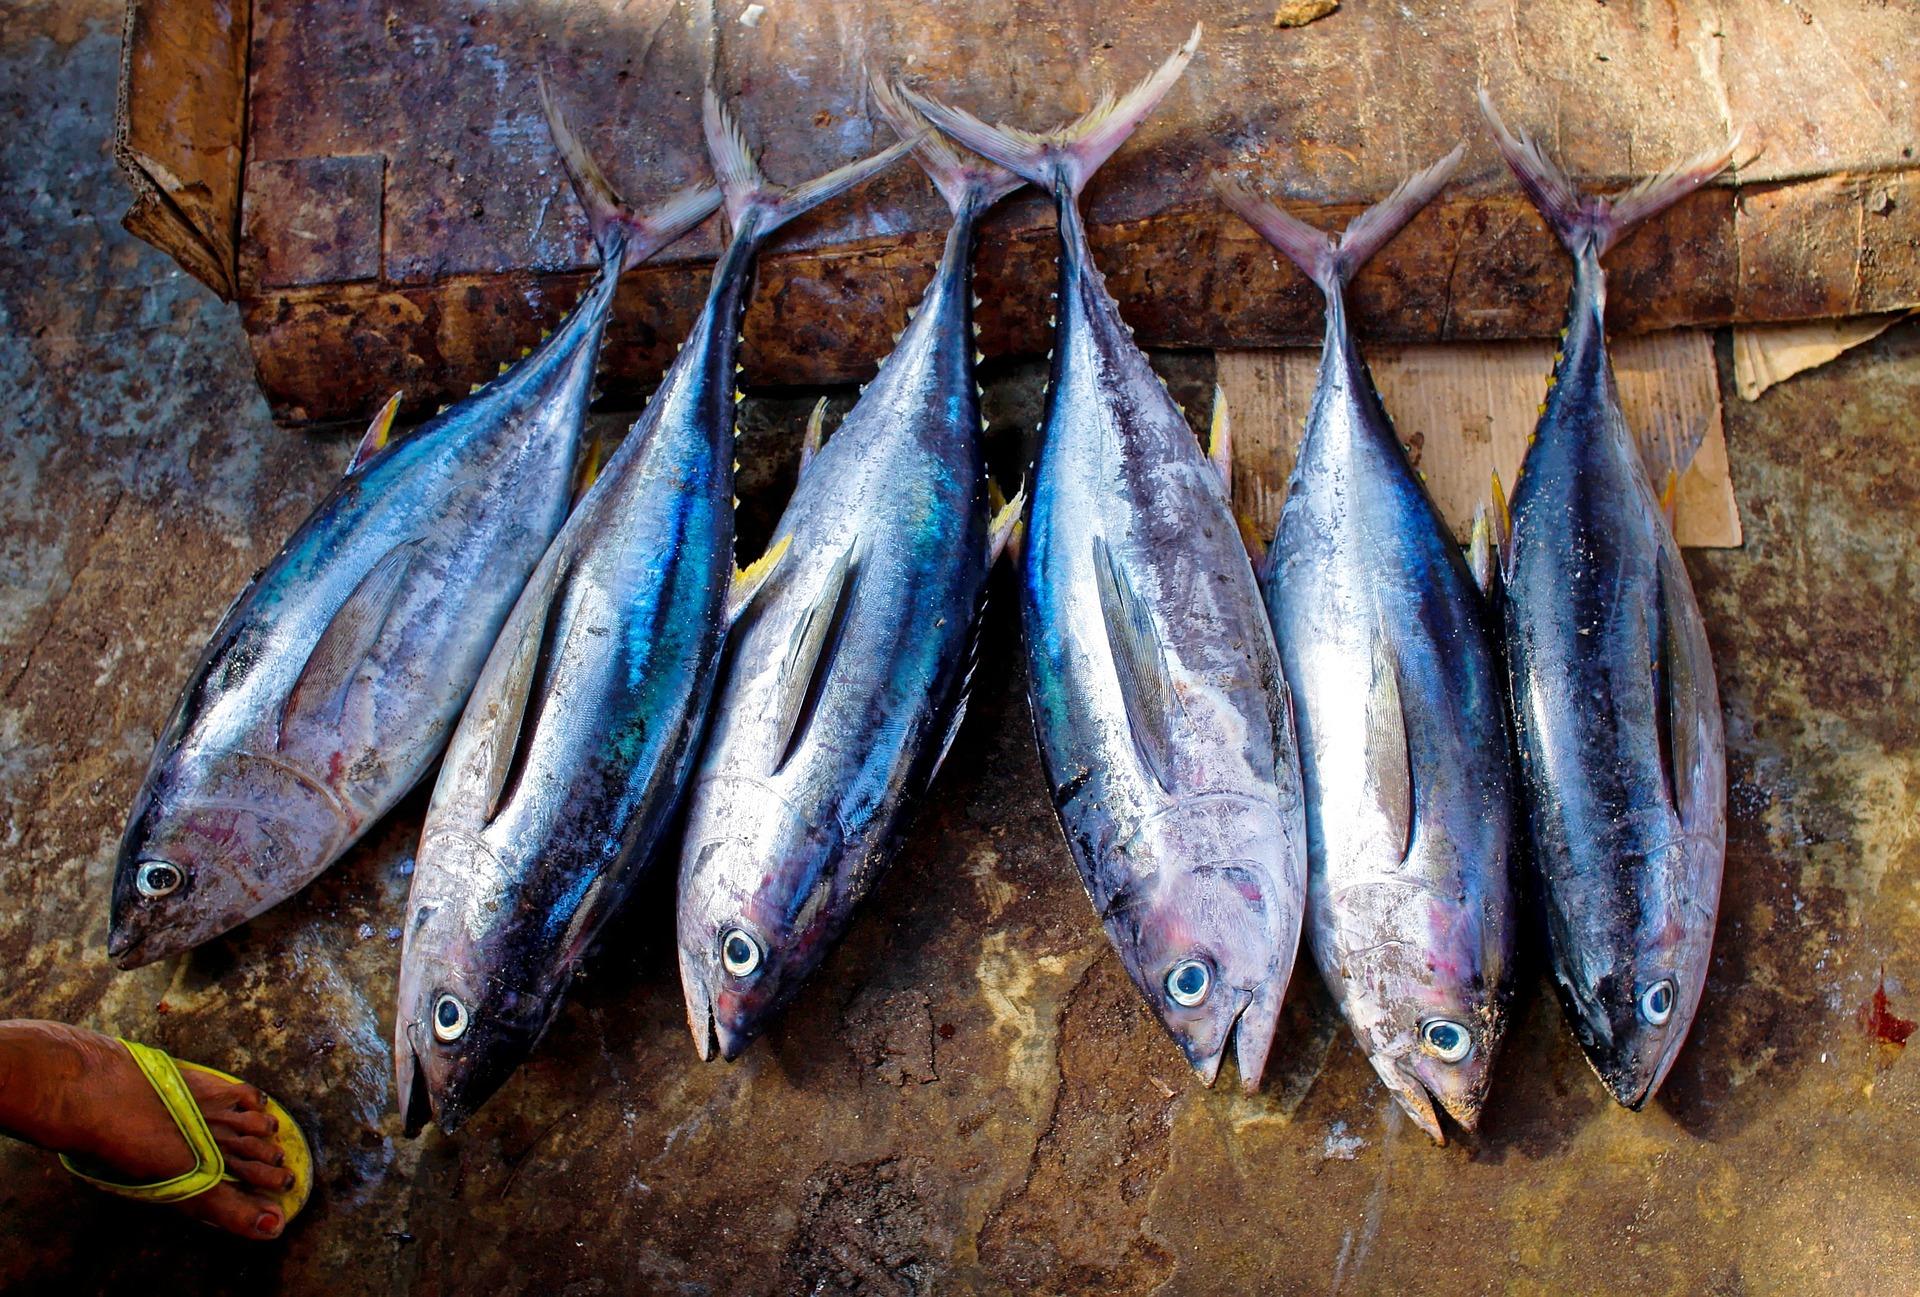 En Toscamare llevamos años siendo especialistas en atún - Toscamare, congelados frescos del mar